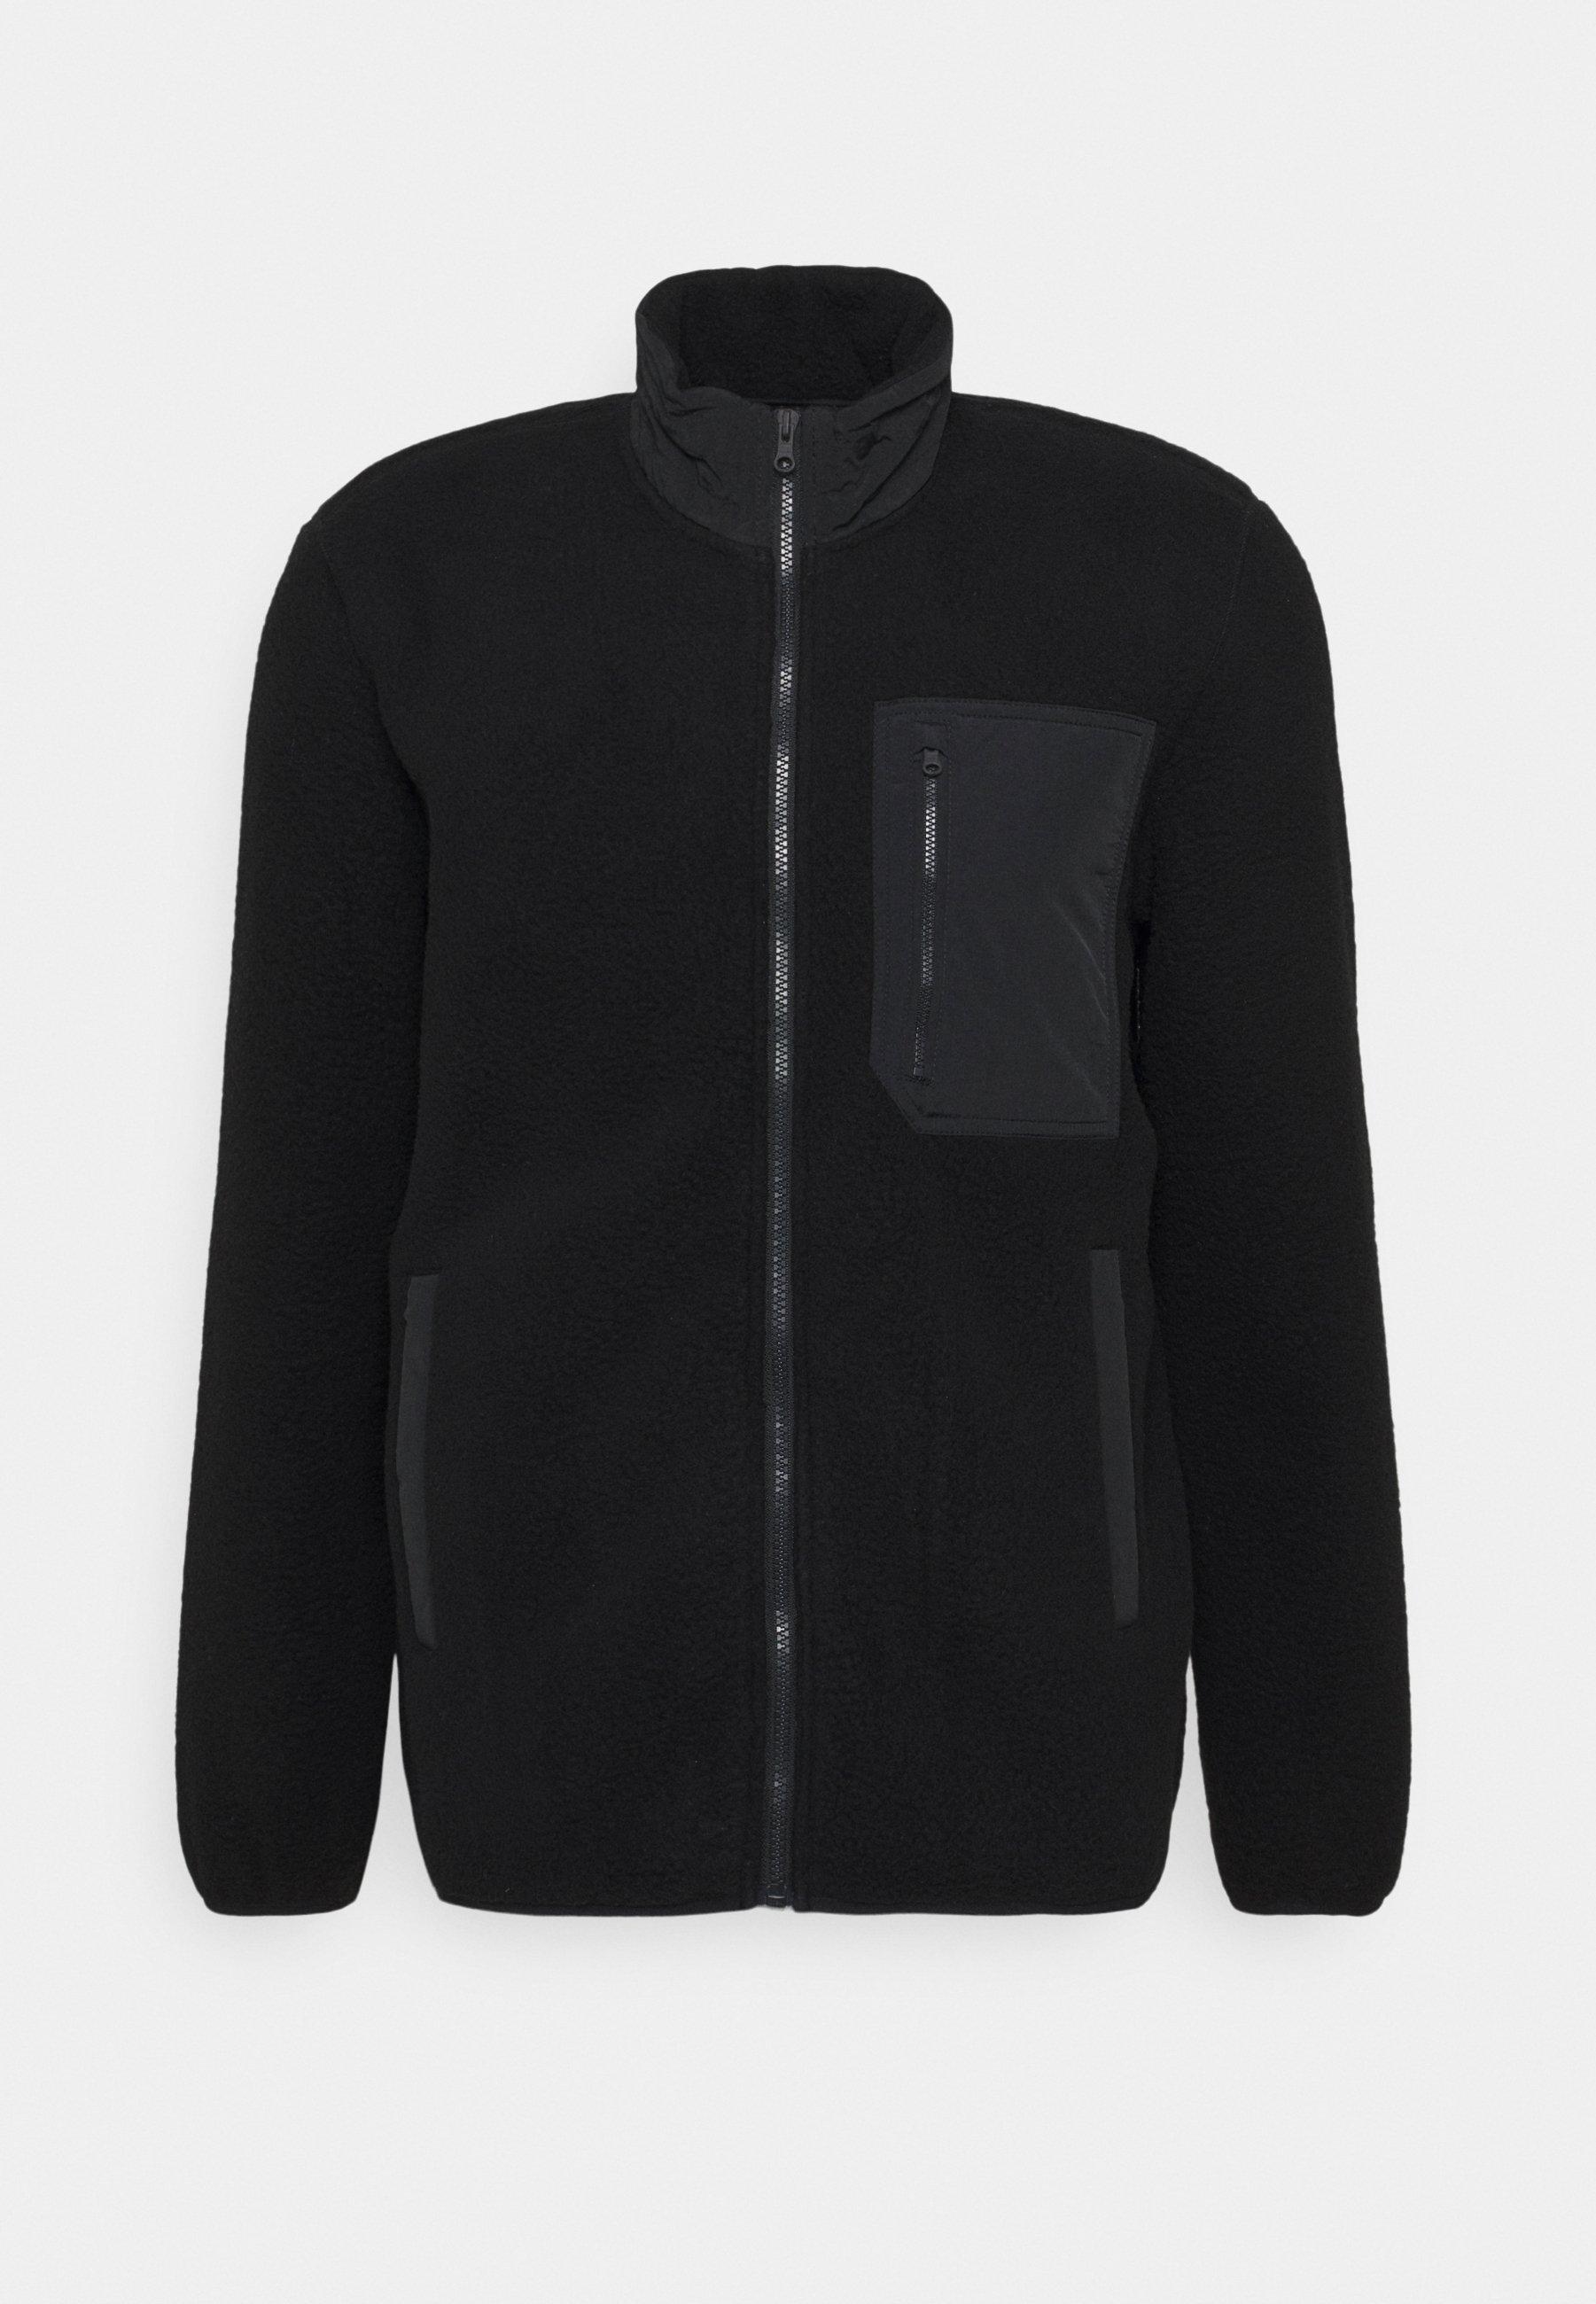 Fleecetröjor | Herr | Köp fleecetröjor online på Zalando.se